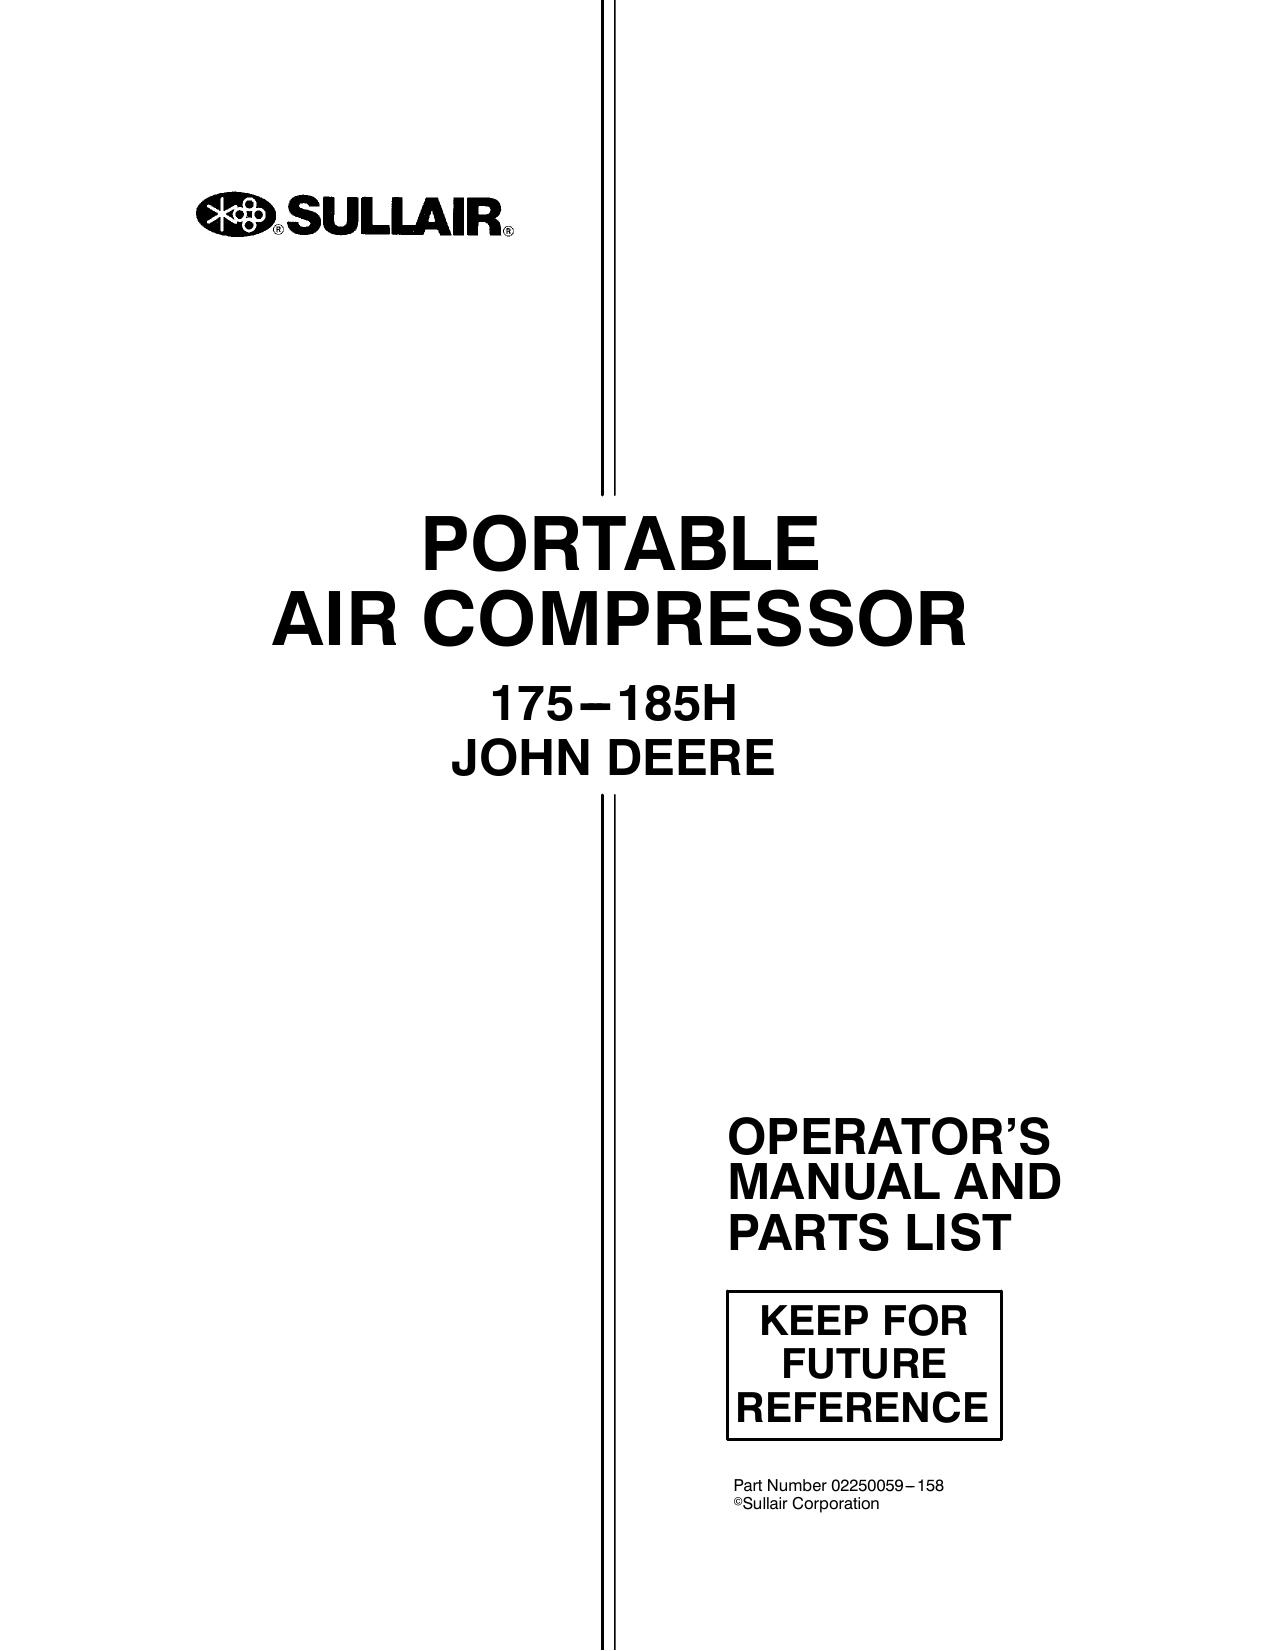 PORTABLE AIR COMPRESSOR | manualzz com